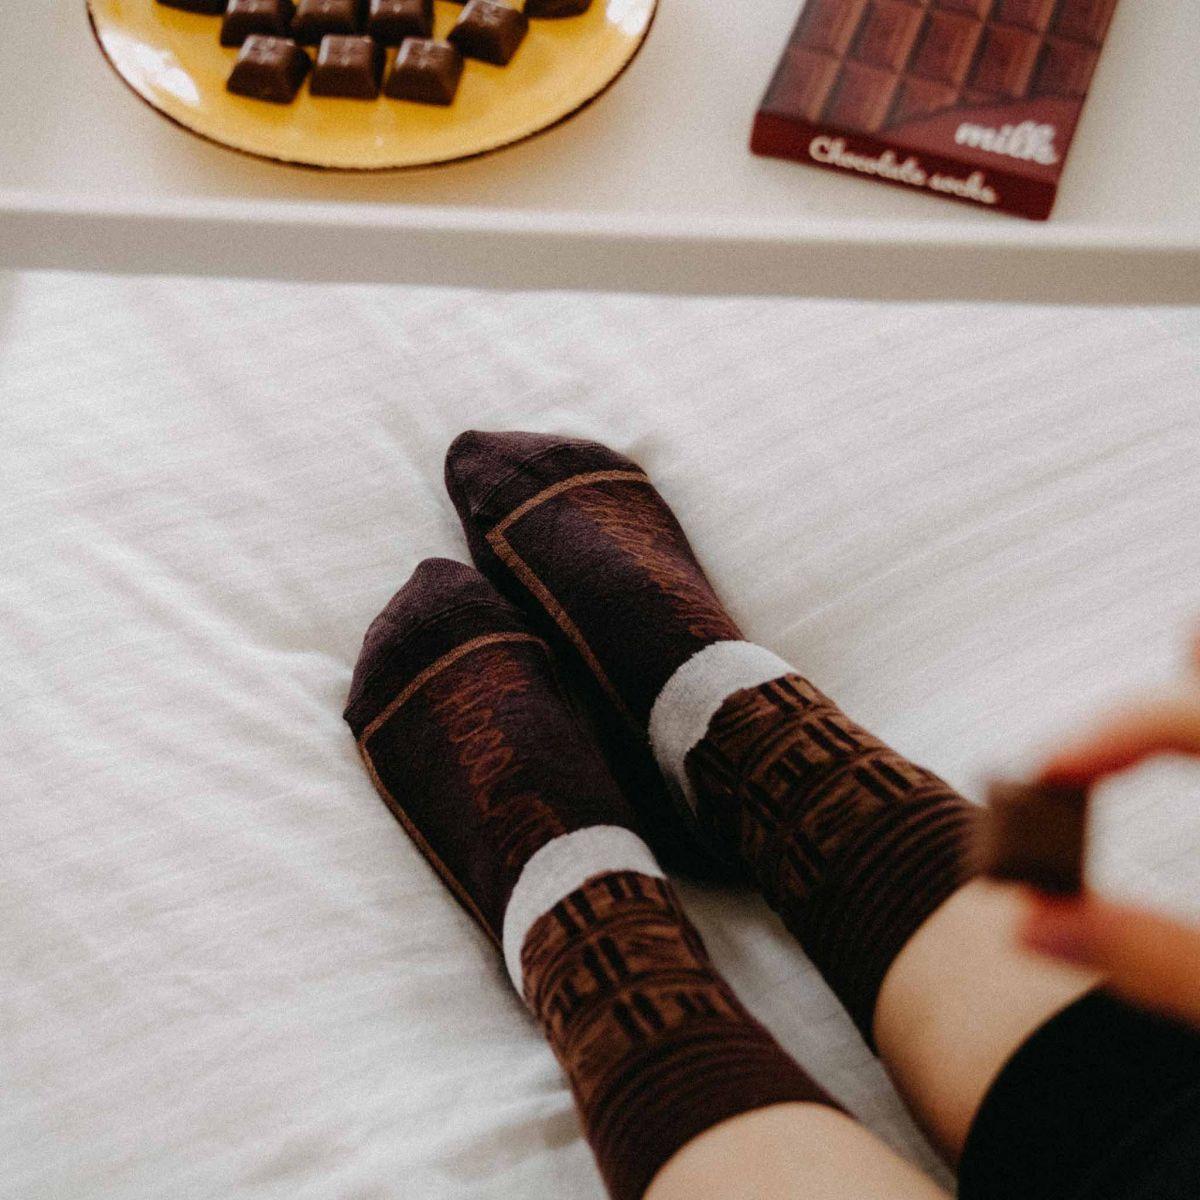 Ponožky - Čokoláda v dárkové krabičce p1